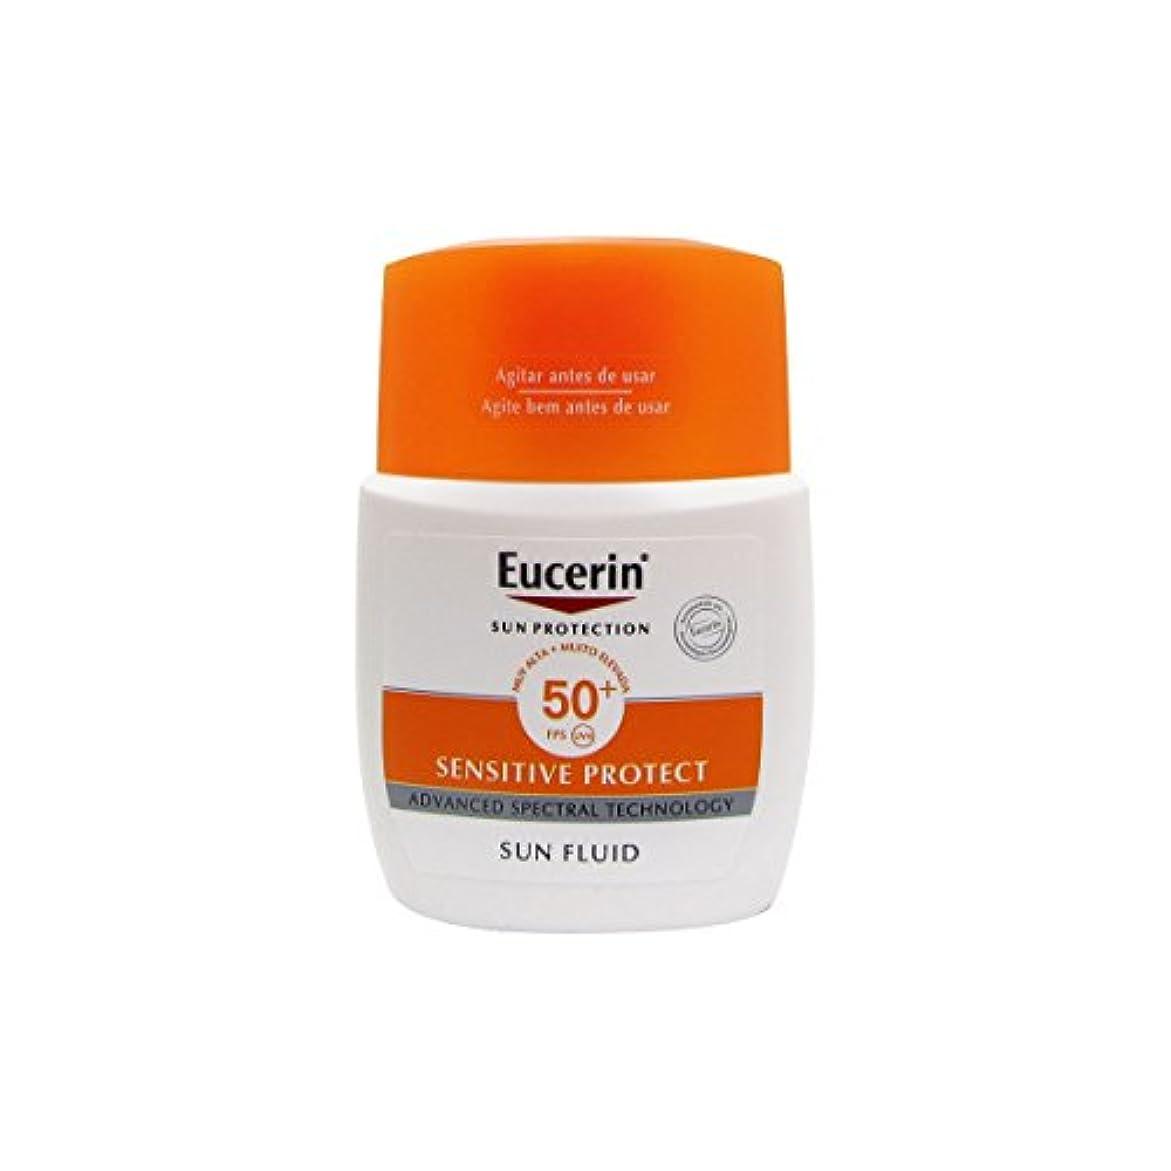 評価する著者受益者Eucerin Sun Mattifying Fluid Spf50+ 50ml [並行輸入品]